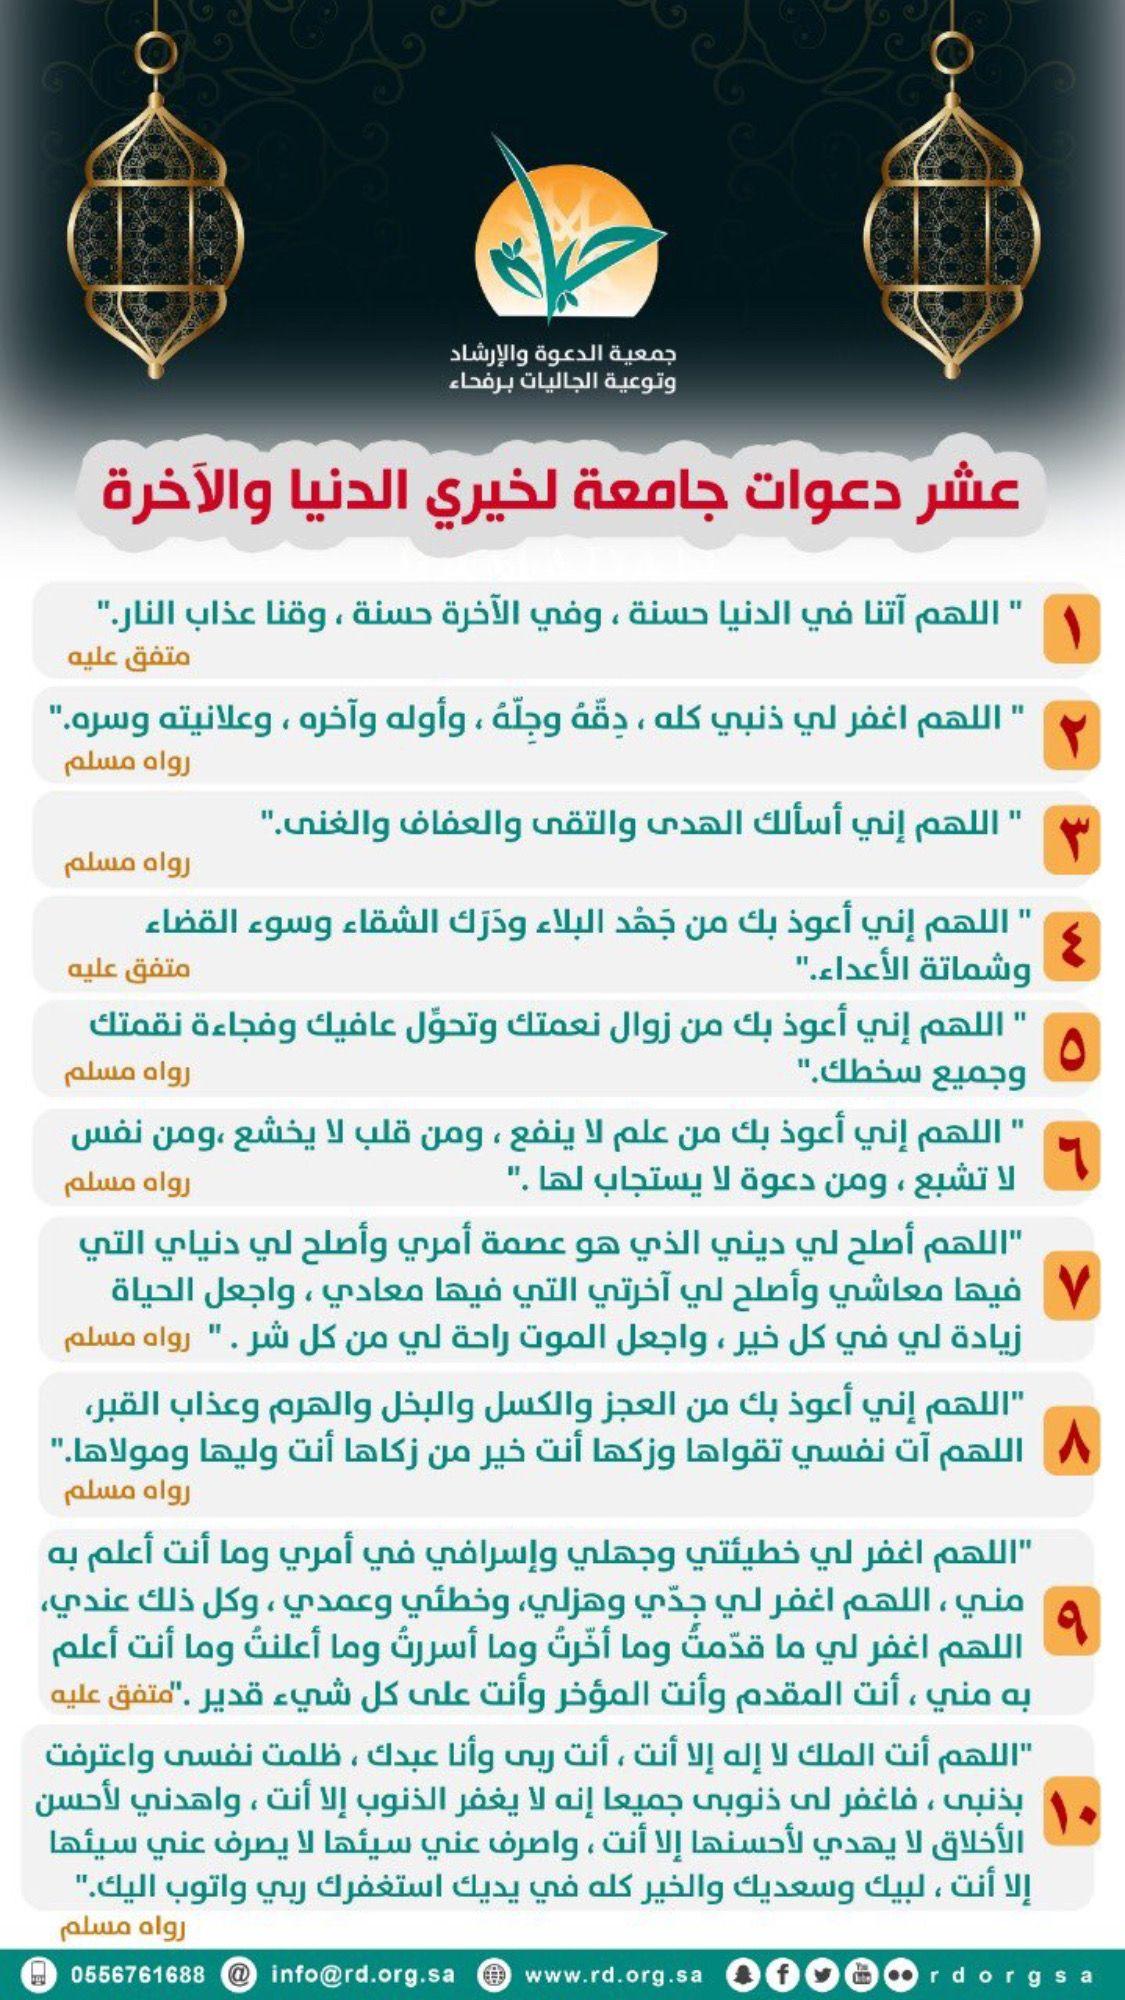 ليلة القدر Islam Facts Life Habits Words Quotes